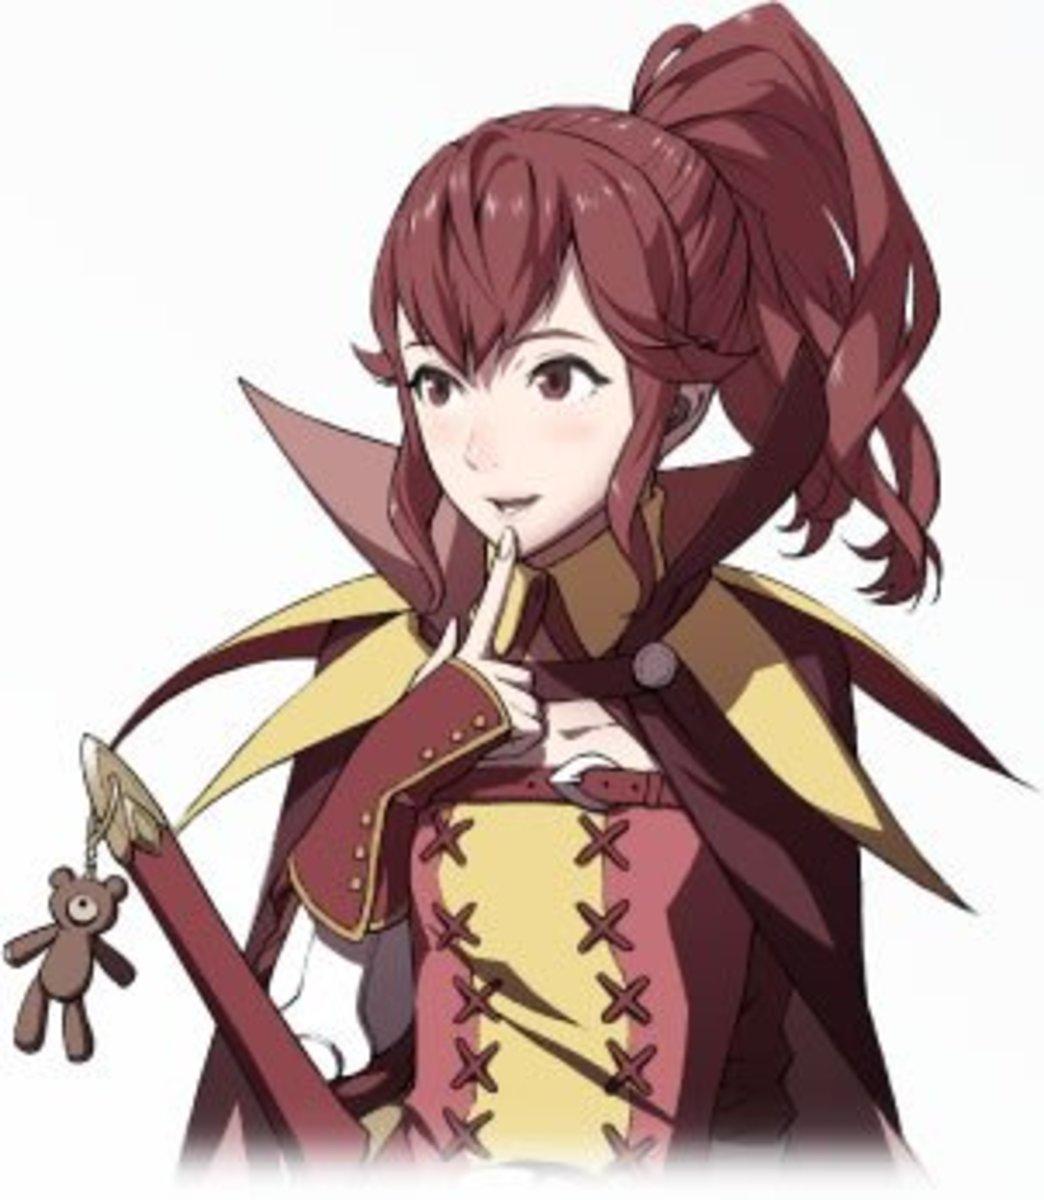 fire-emblem-awakening-anna-info